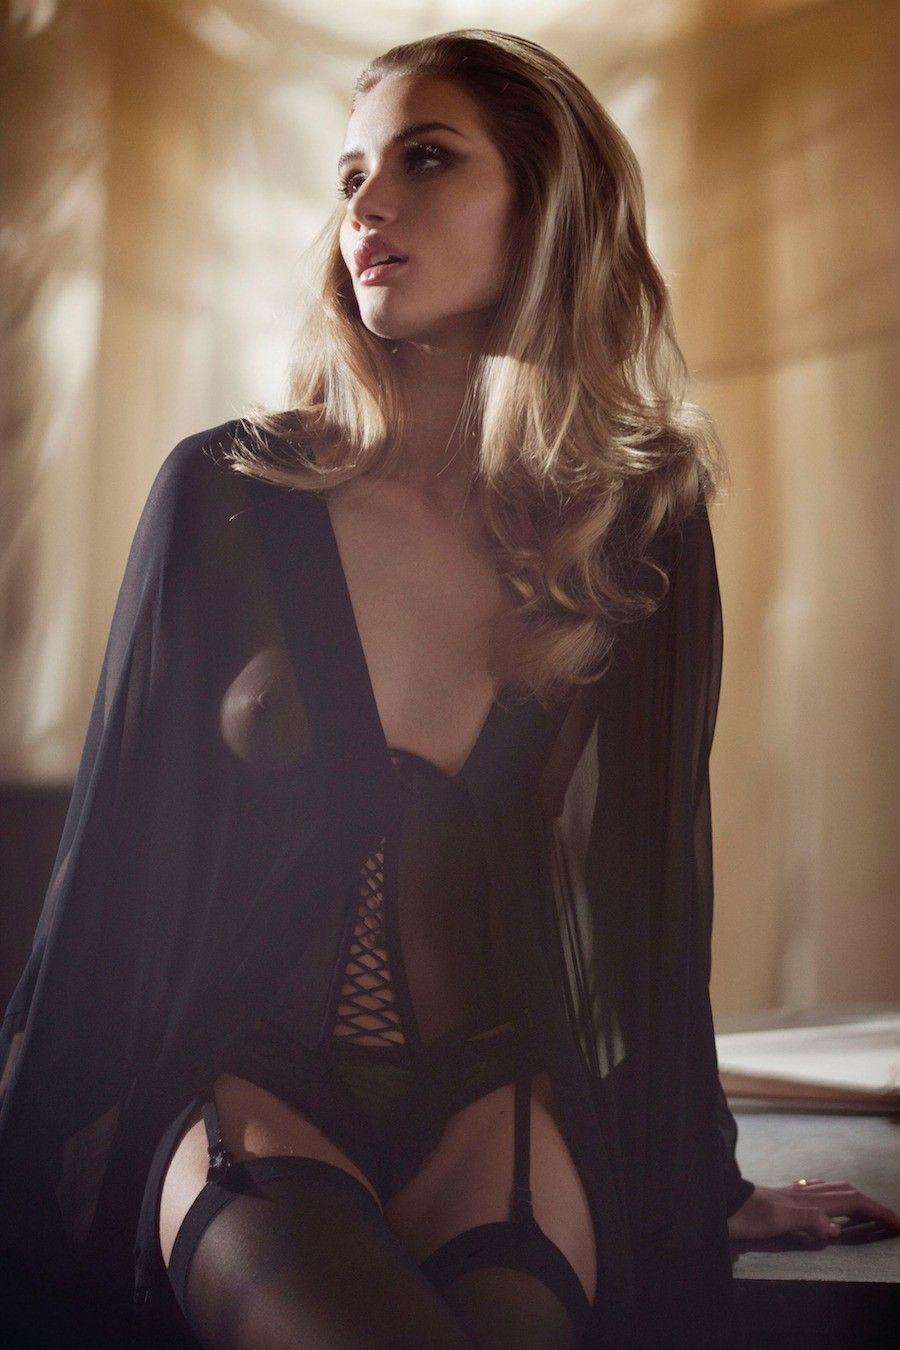 Rosie huntington whiteley see through sexy naked (58 photo), Sexy Celebrites pic